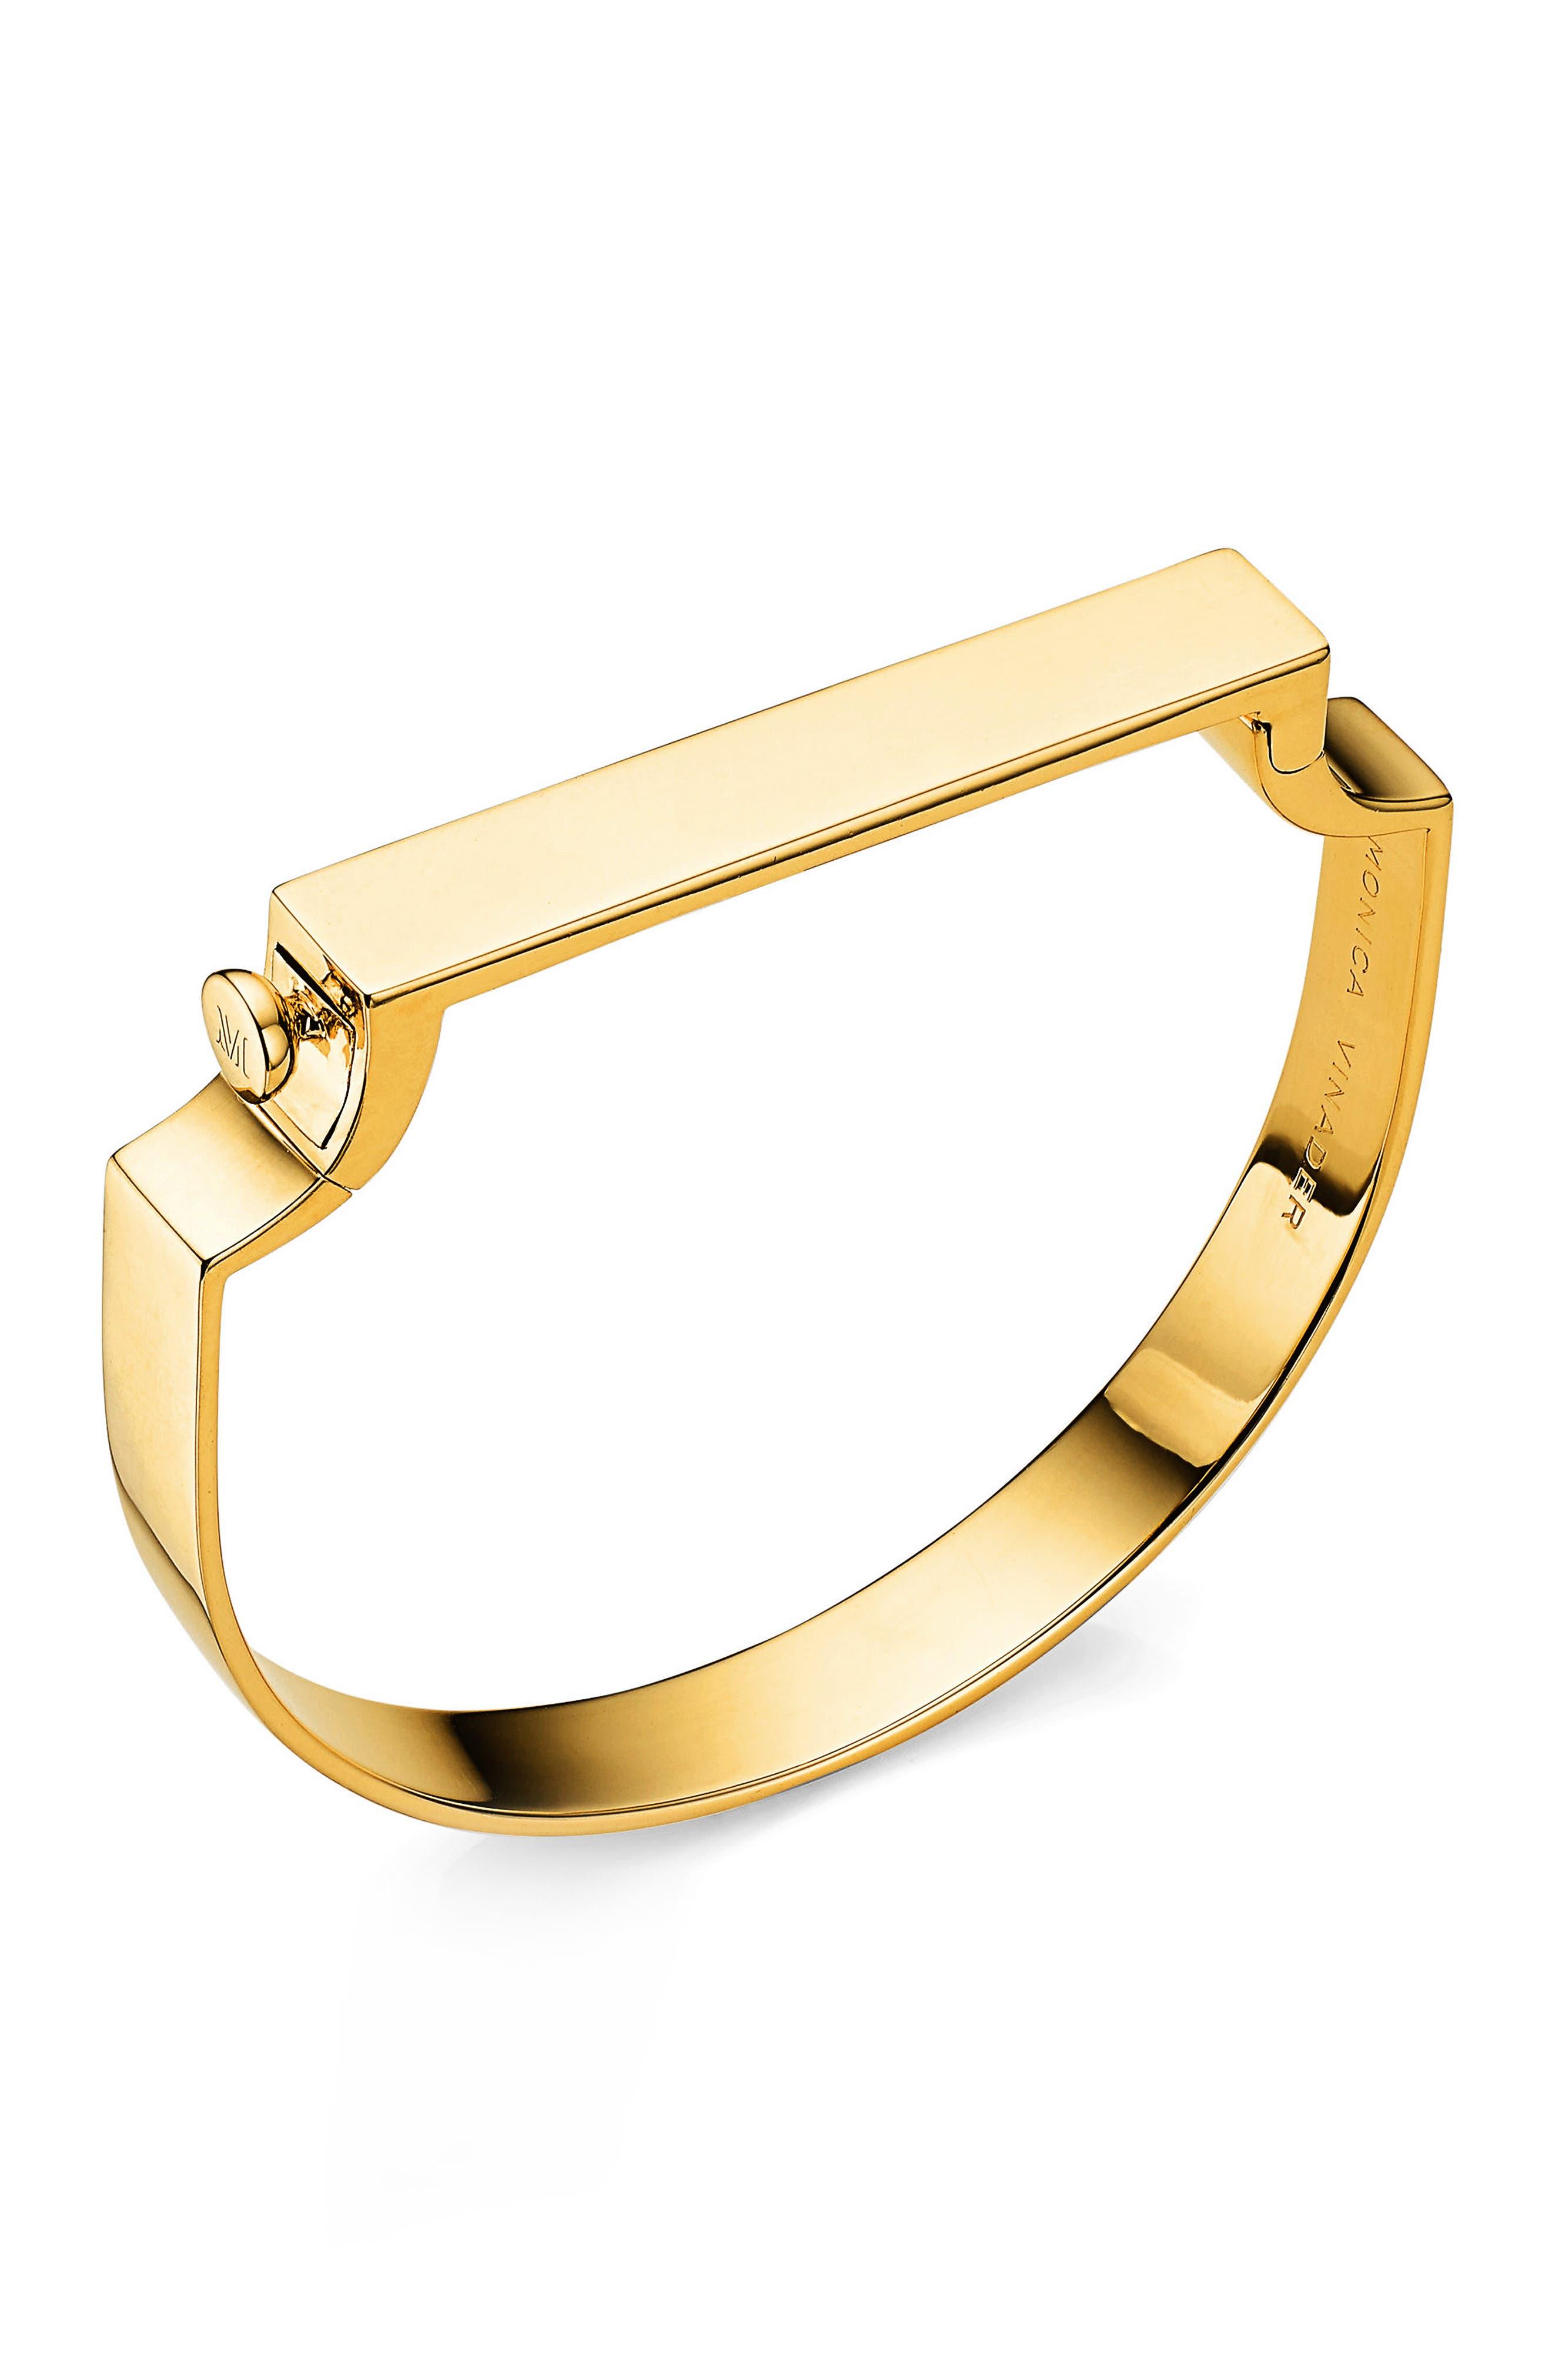 Engravable Large Signature Bracelet,                             Main thumbnail 1, color,                             YELLOW GOLD